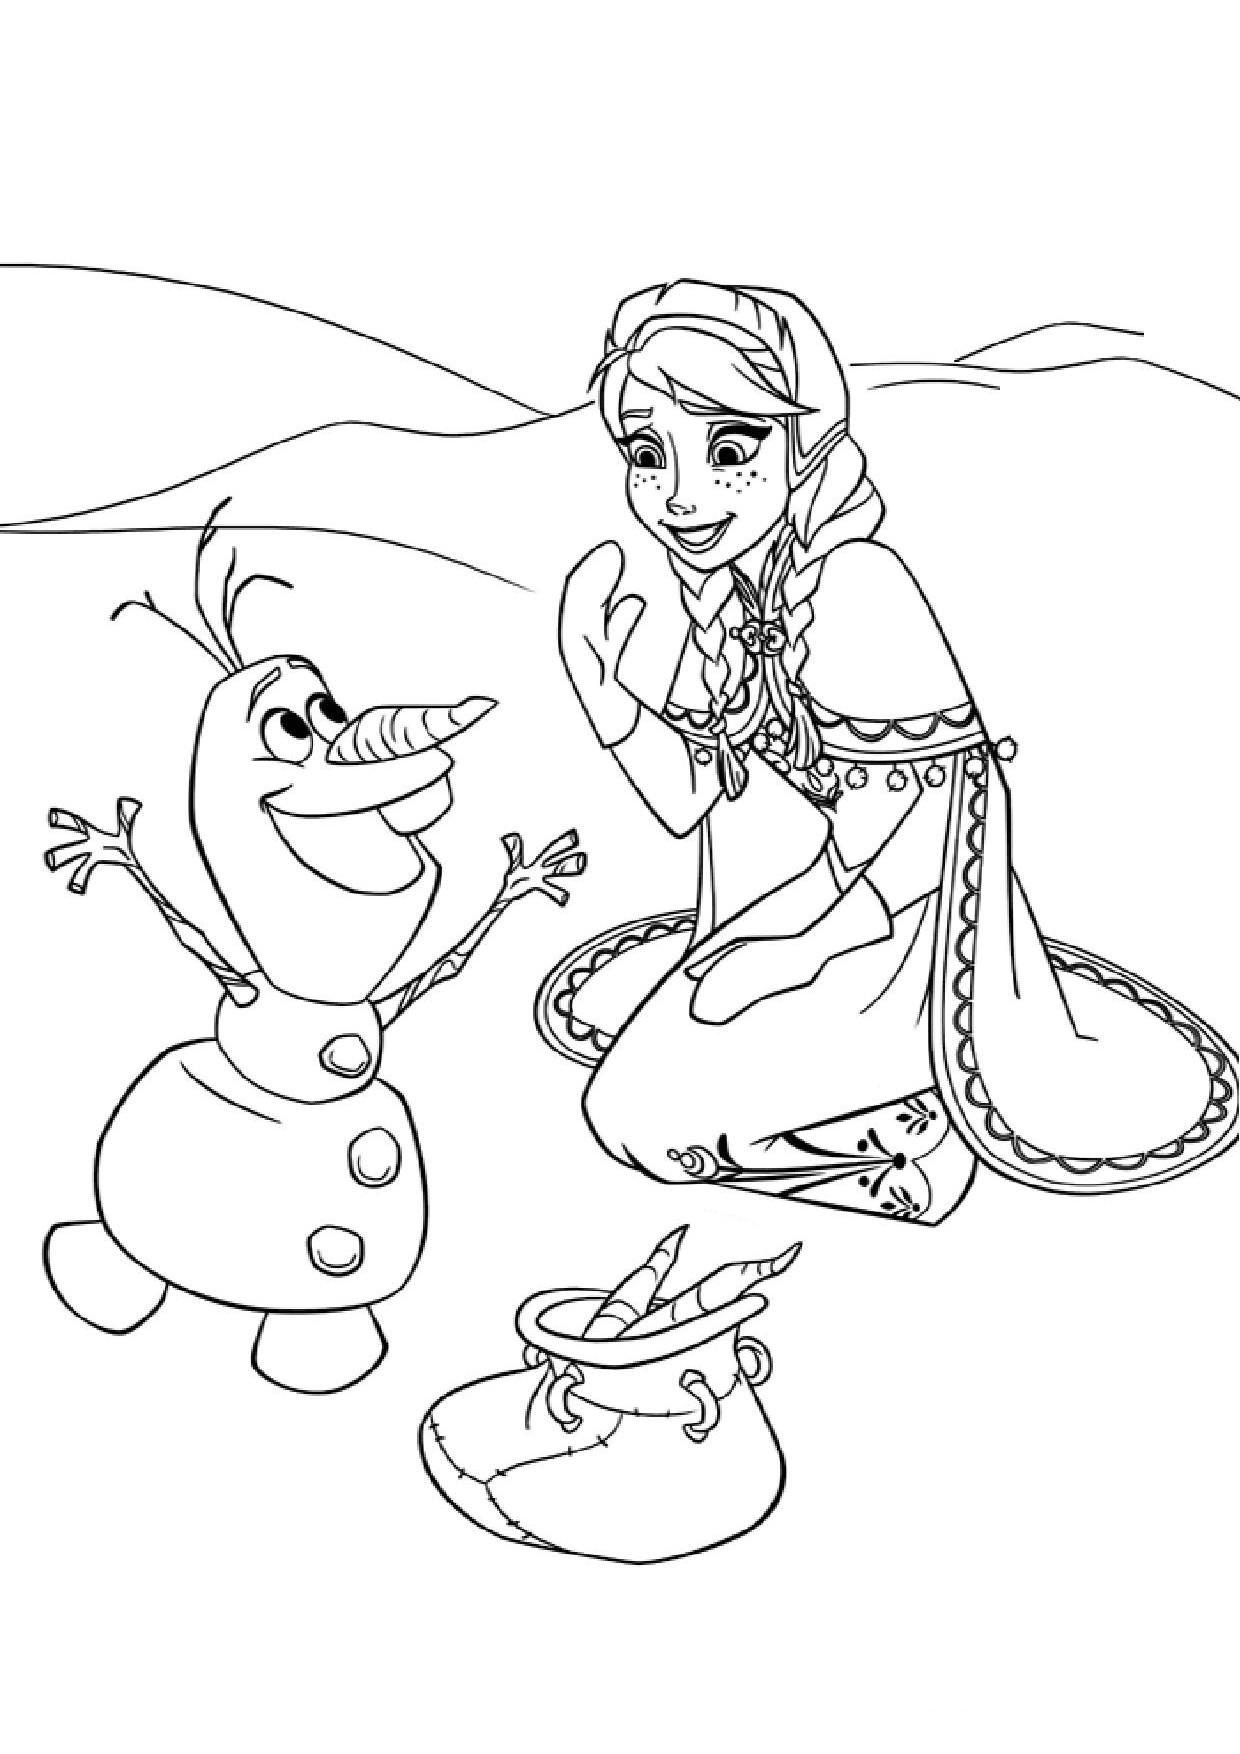 144 dessins de coloriage reine des neiges imprimer sur page 10 - Dessin a imprimer la reine des neiges ...